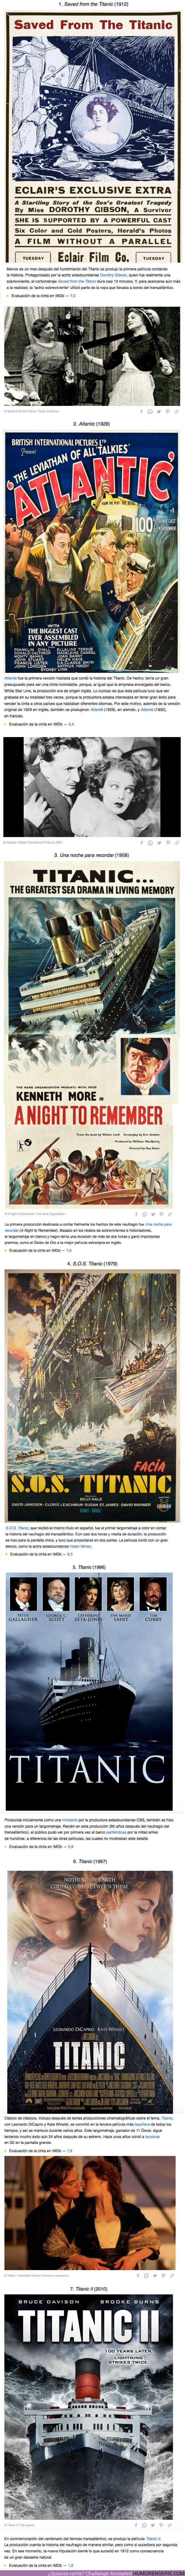 70621 - GALERÍA: Más allá de Jack y Rose, estas 7 películas cuentan la impresionante historia del hundimiento del Titanic